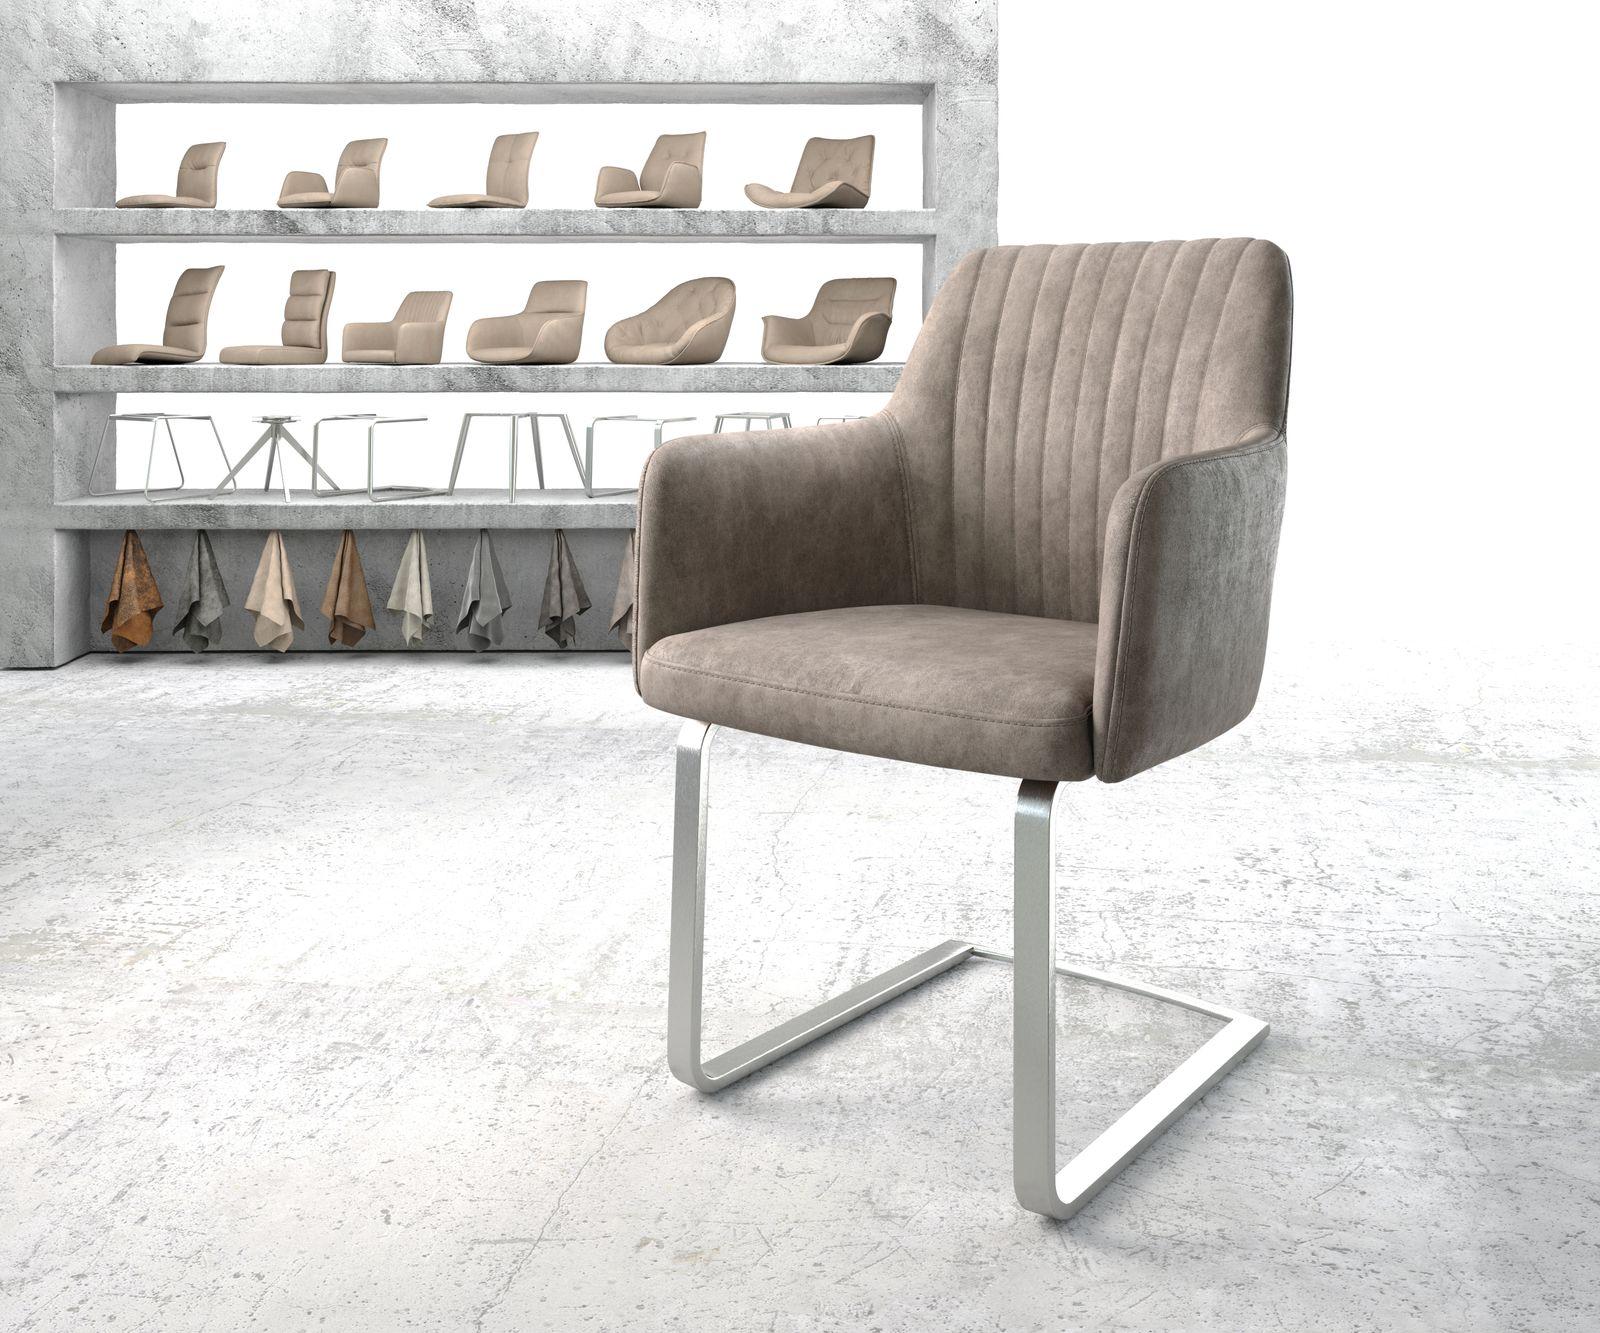 delife-armlehnstuhl-greg-flex-taupe-vintage-freischwinger-flach-edelstahl-esszimmerstuhle, 119.90 EUR @ delife-de